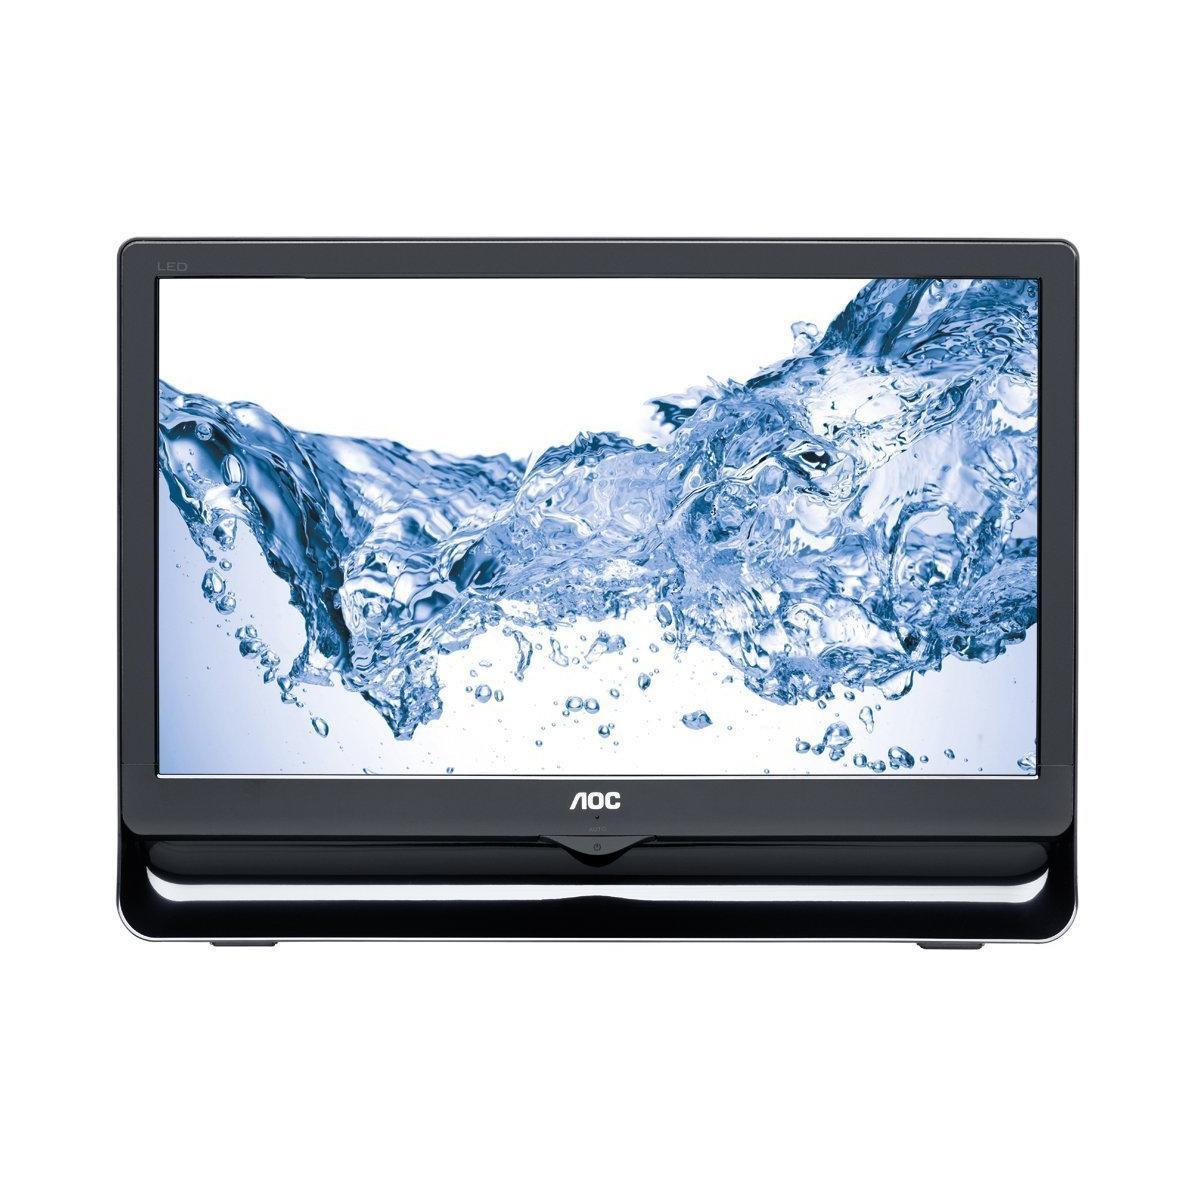 """AOC - E966SWN - Ecran PC 18.5"""" LED 1366 x 768 VGA - Noir"""